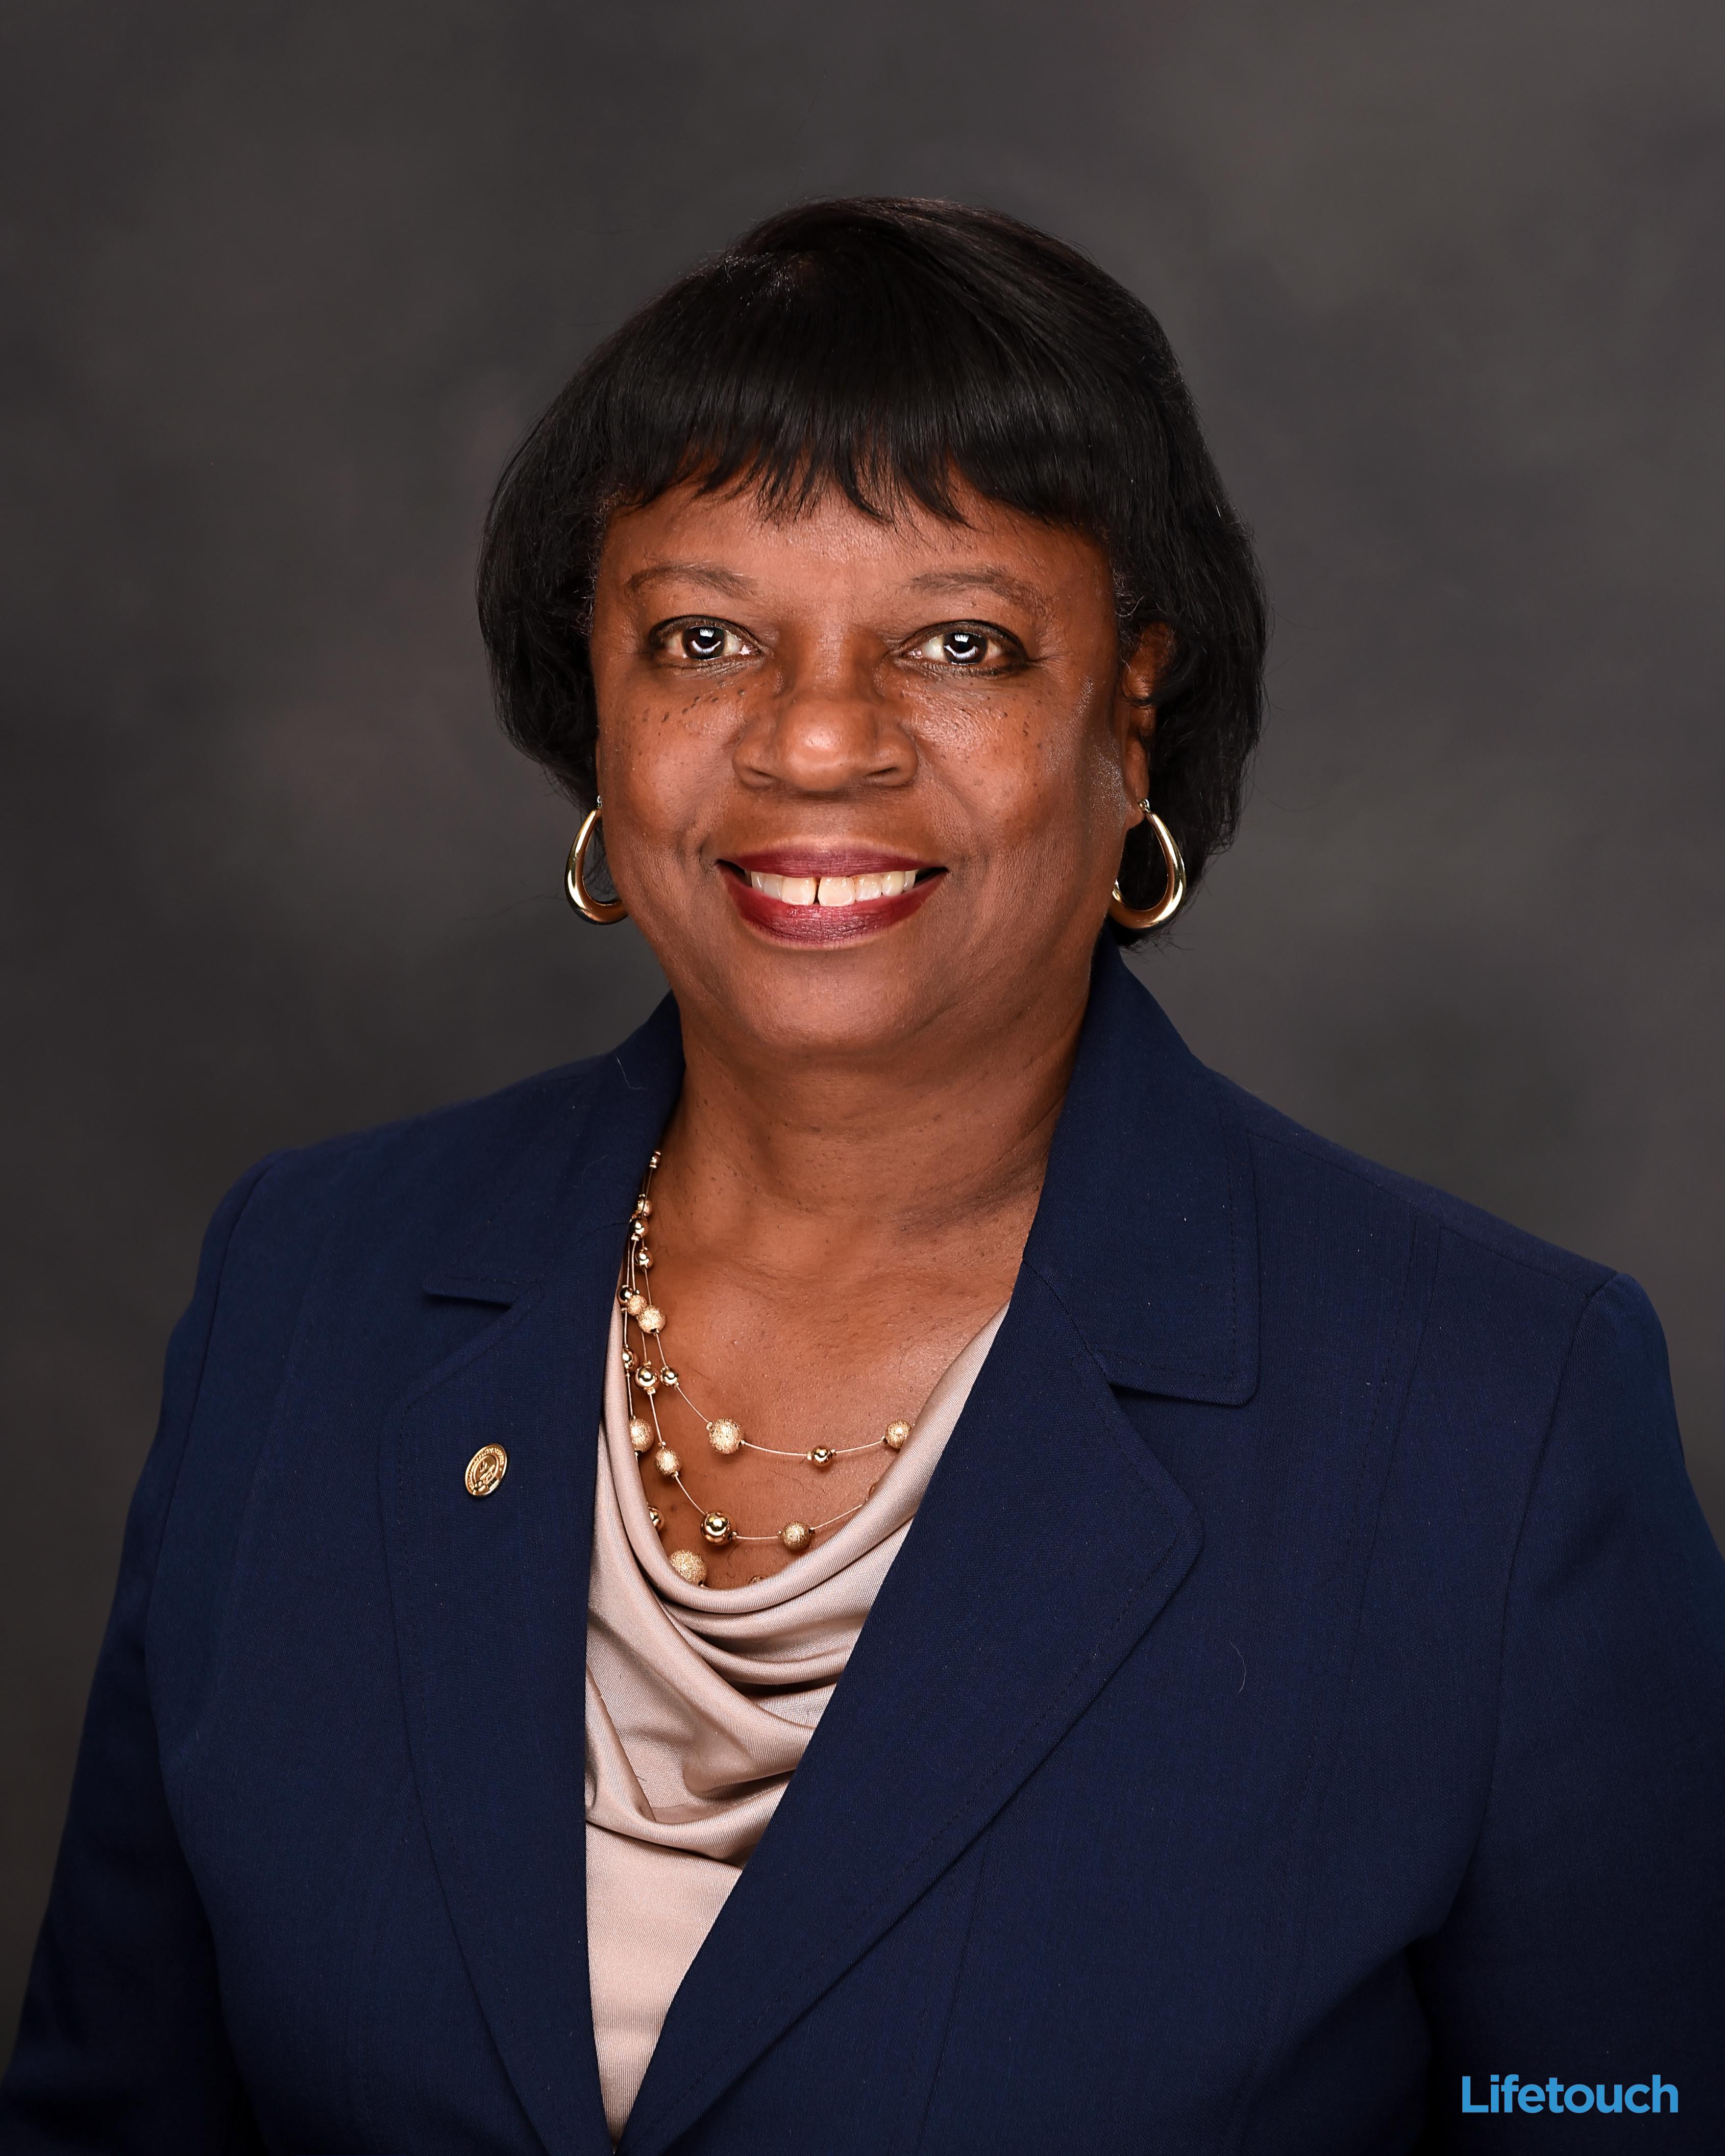 Dr. Anita B. James